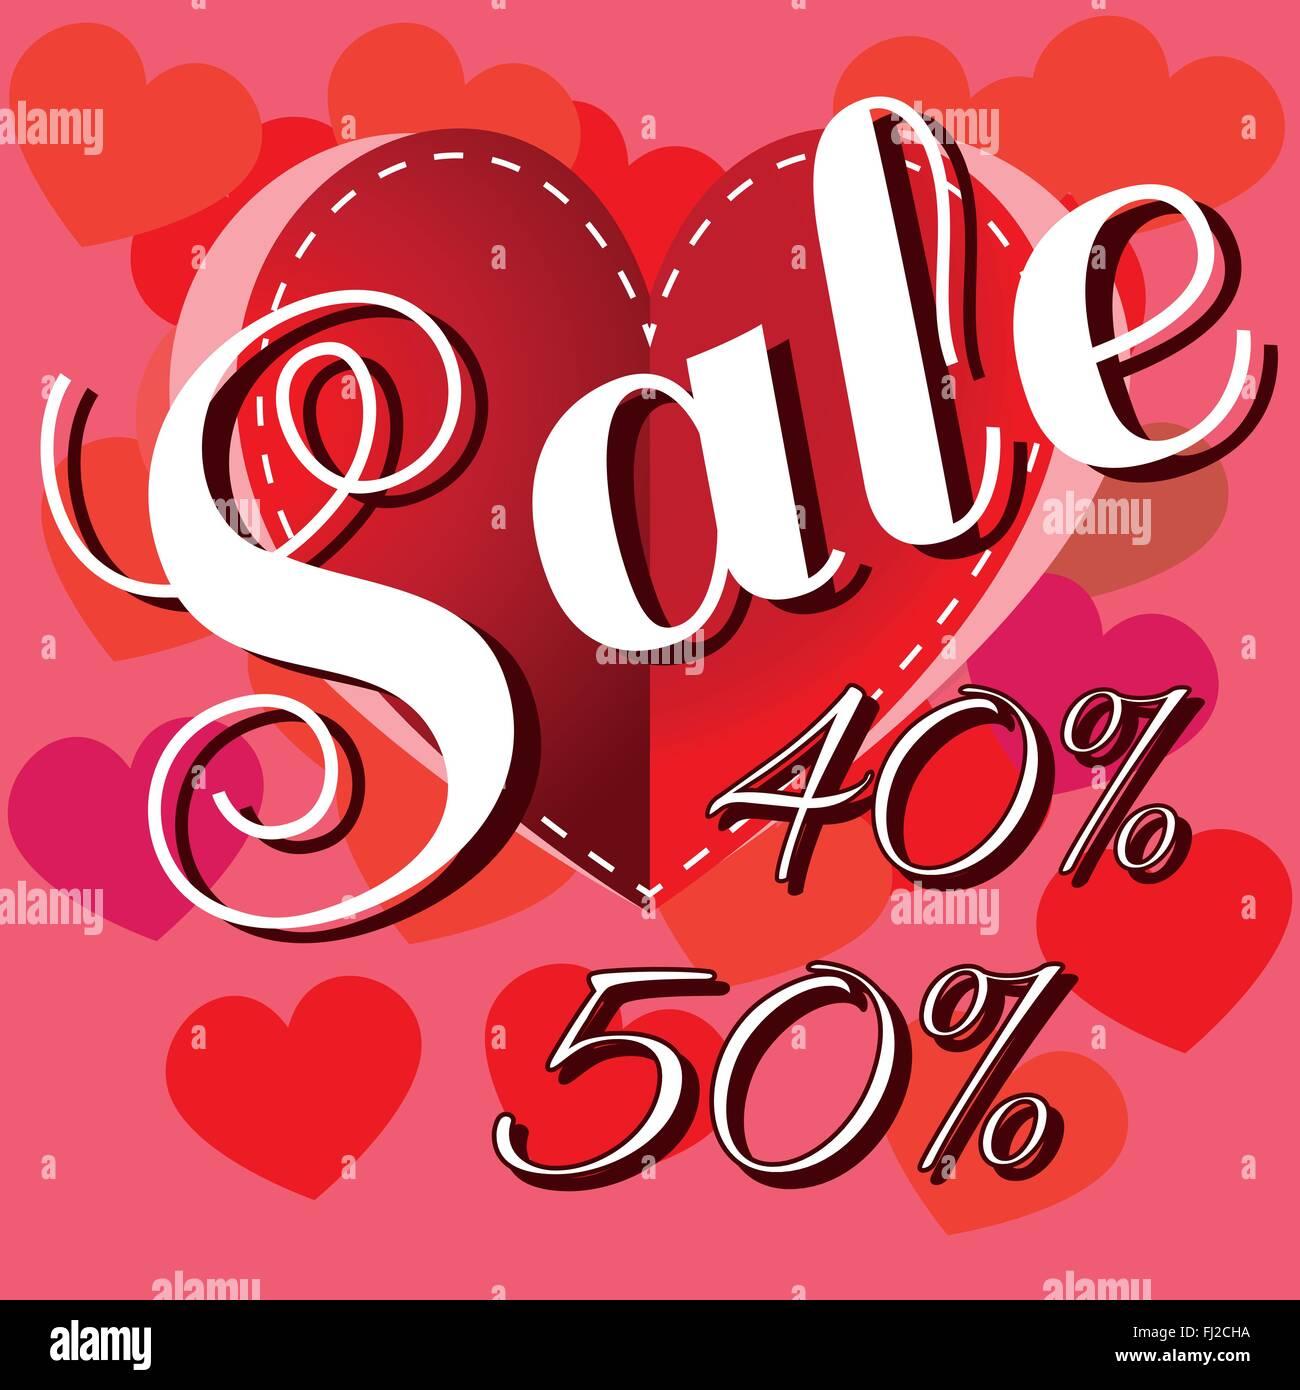 Happy Valentinstag Verkauf Banner. Großes Rotes Herz Mit Stichen Und Weißen  Werbetext. Verkauf Nachricht Digital Hintergrund Vecto